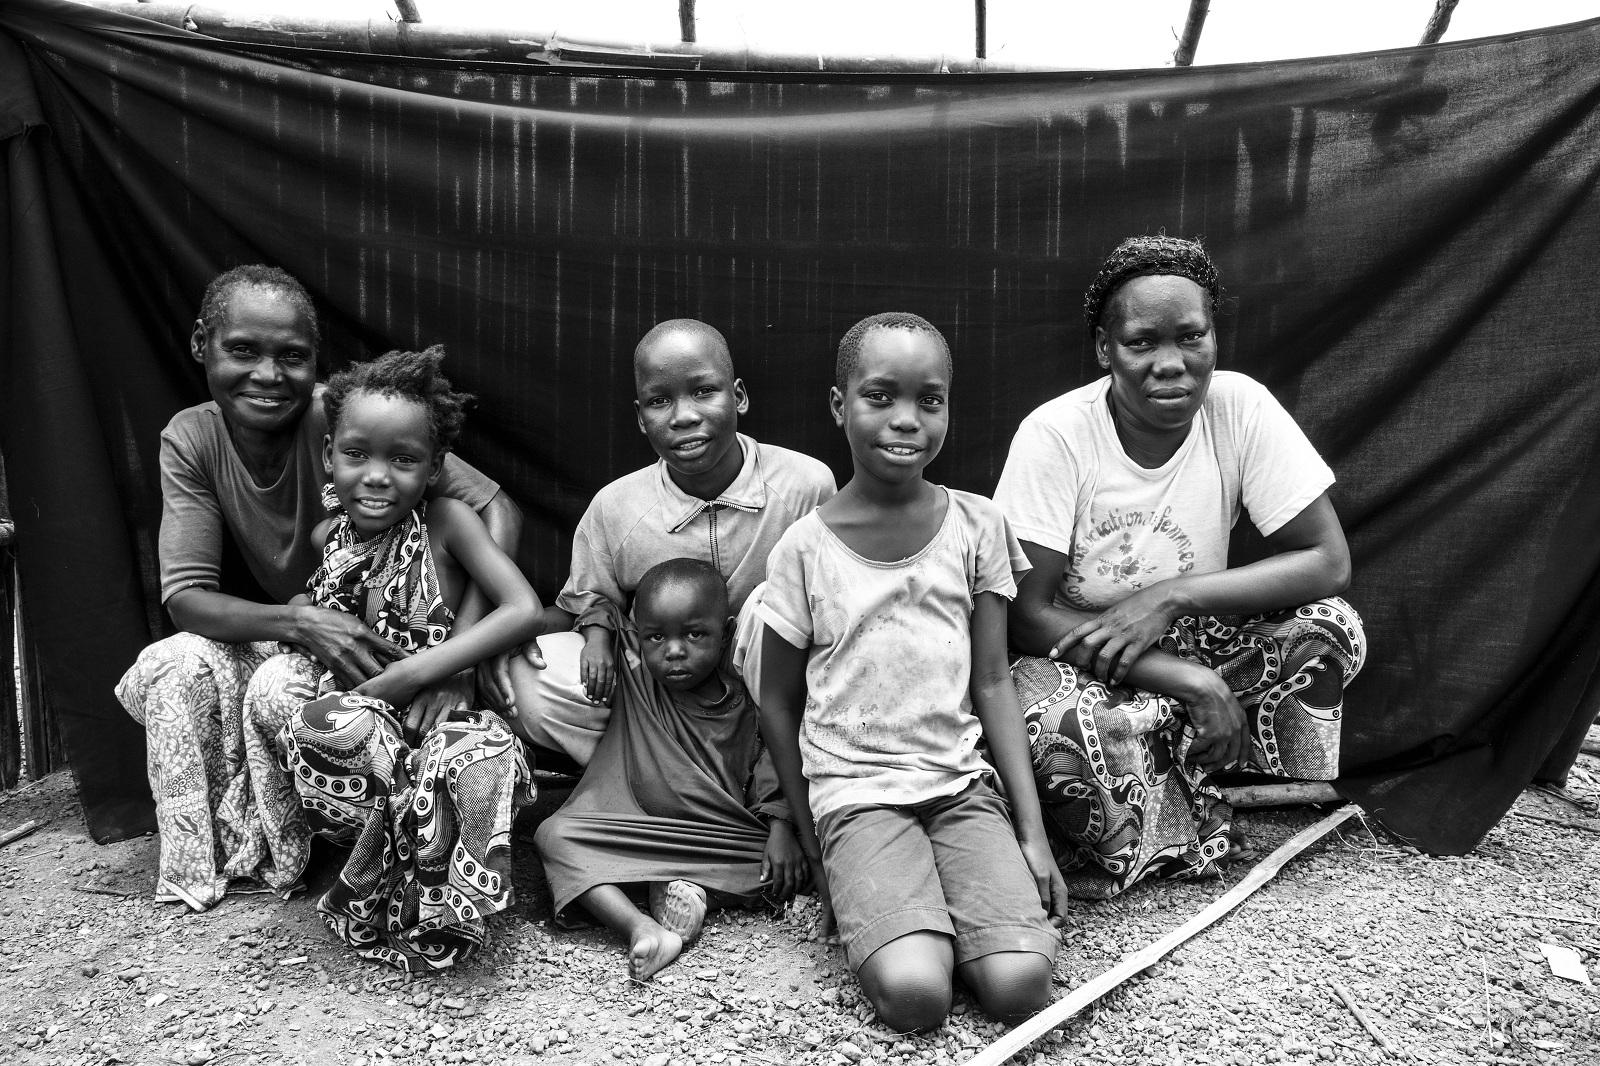 Bonheur, de Moungoumba (República Centroafricana), en el campamento de refugiados de Boyabo con su familia, lo más importante que conserva junto a su propia vida. Brian Sokol/ACNUR